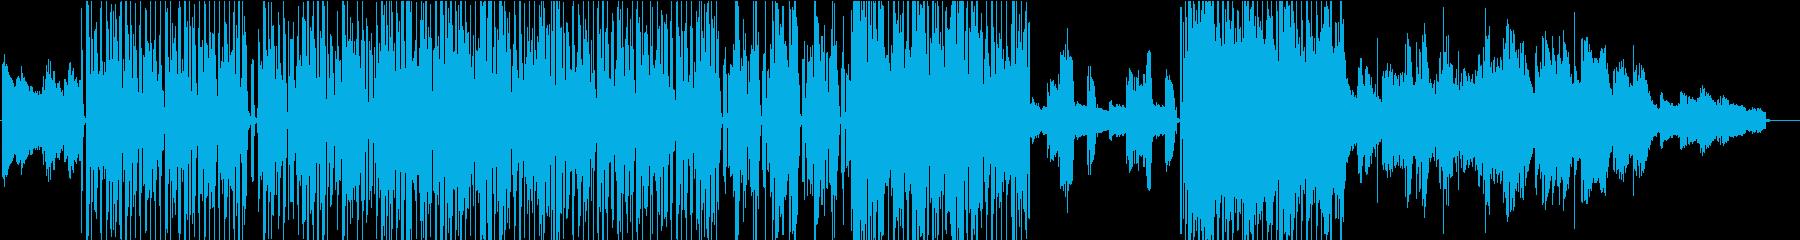 エレクトロファンク、女性ボーカル英語詞の再生済みの波形